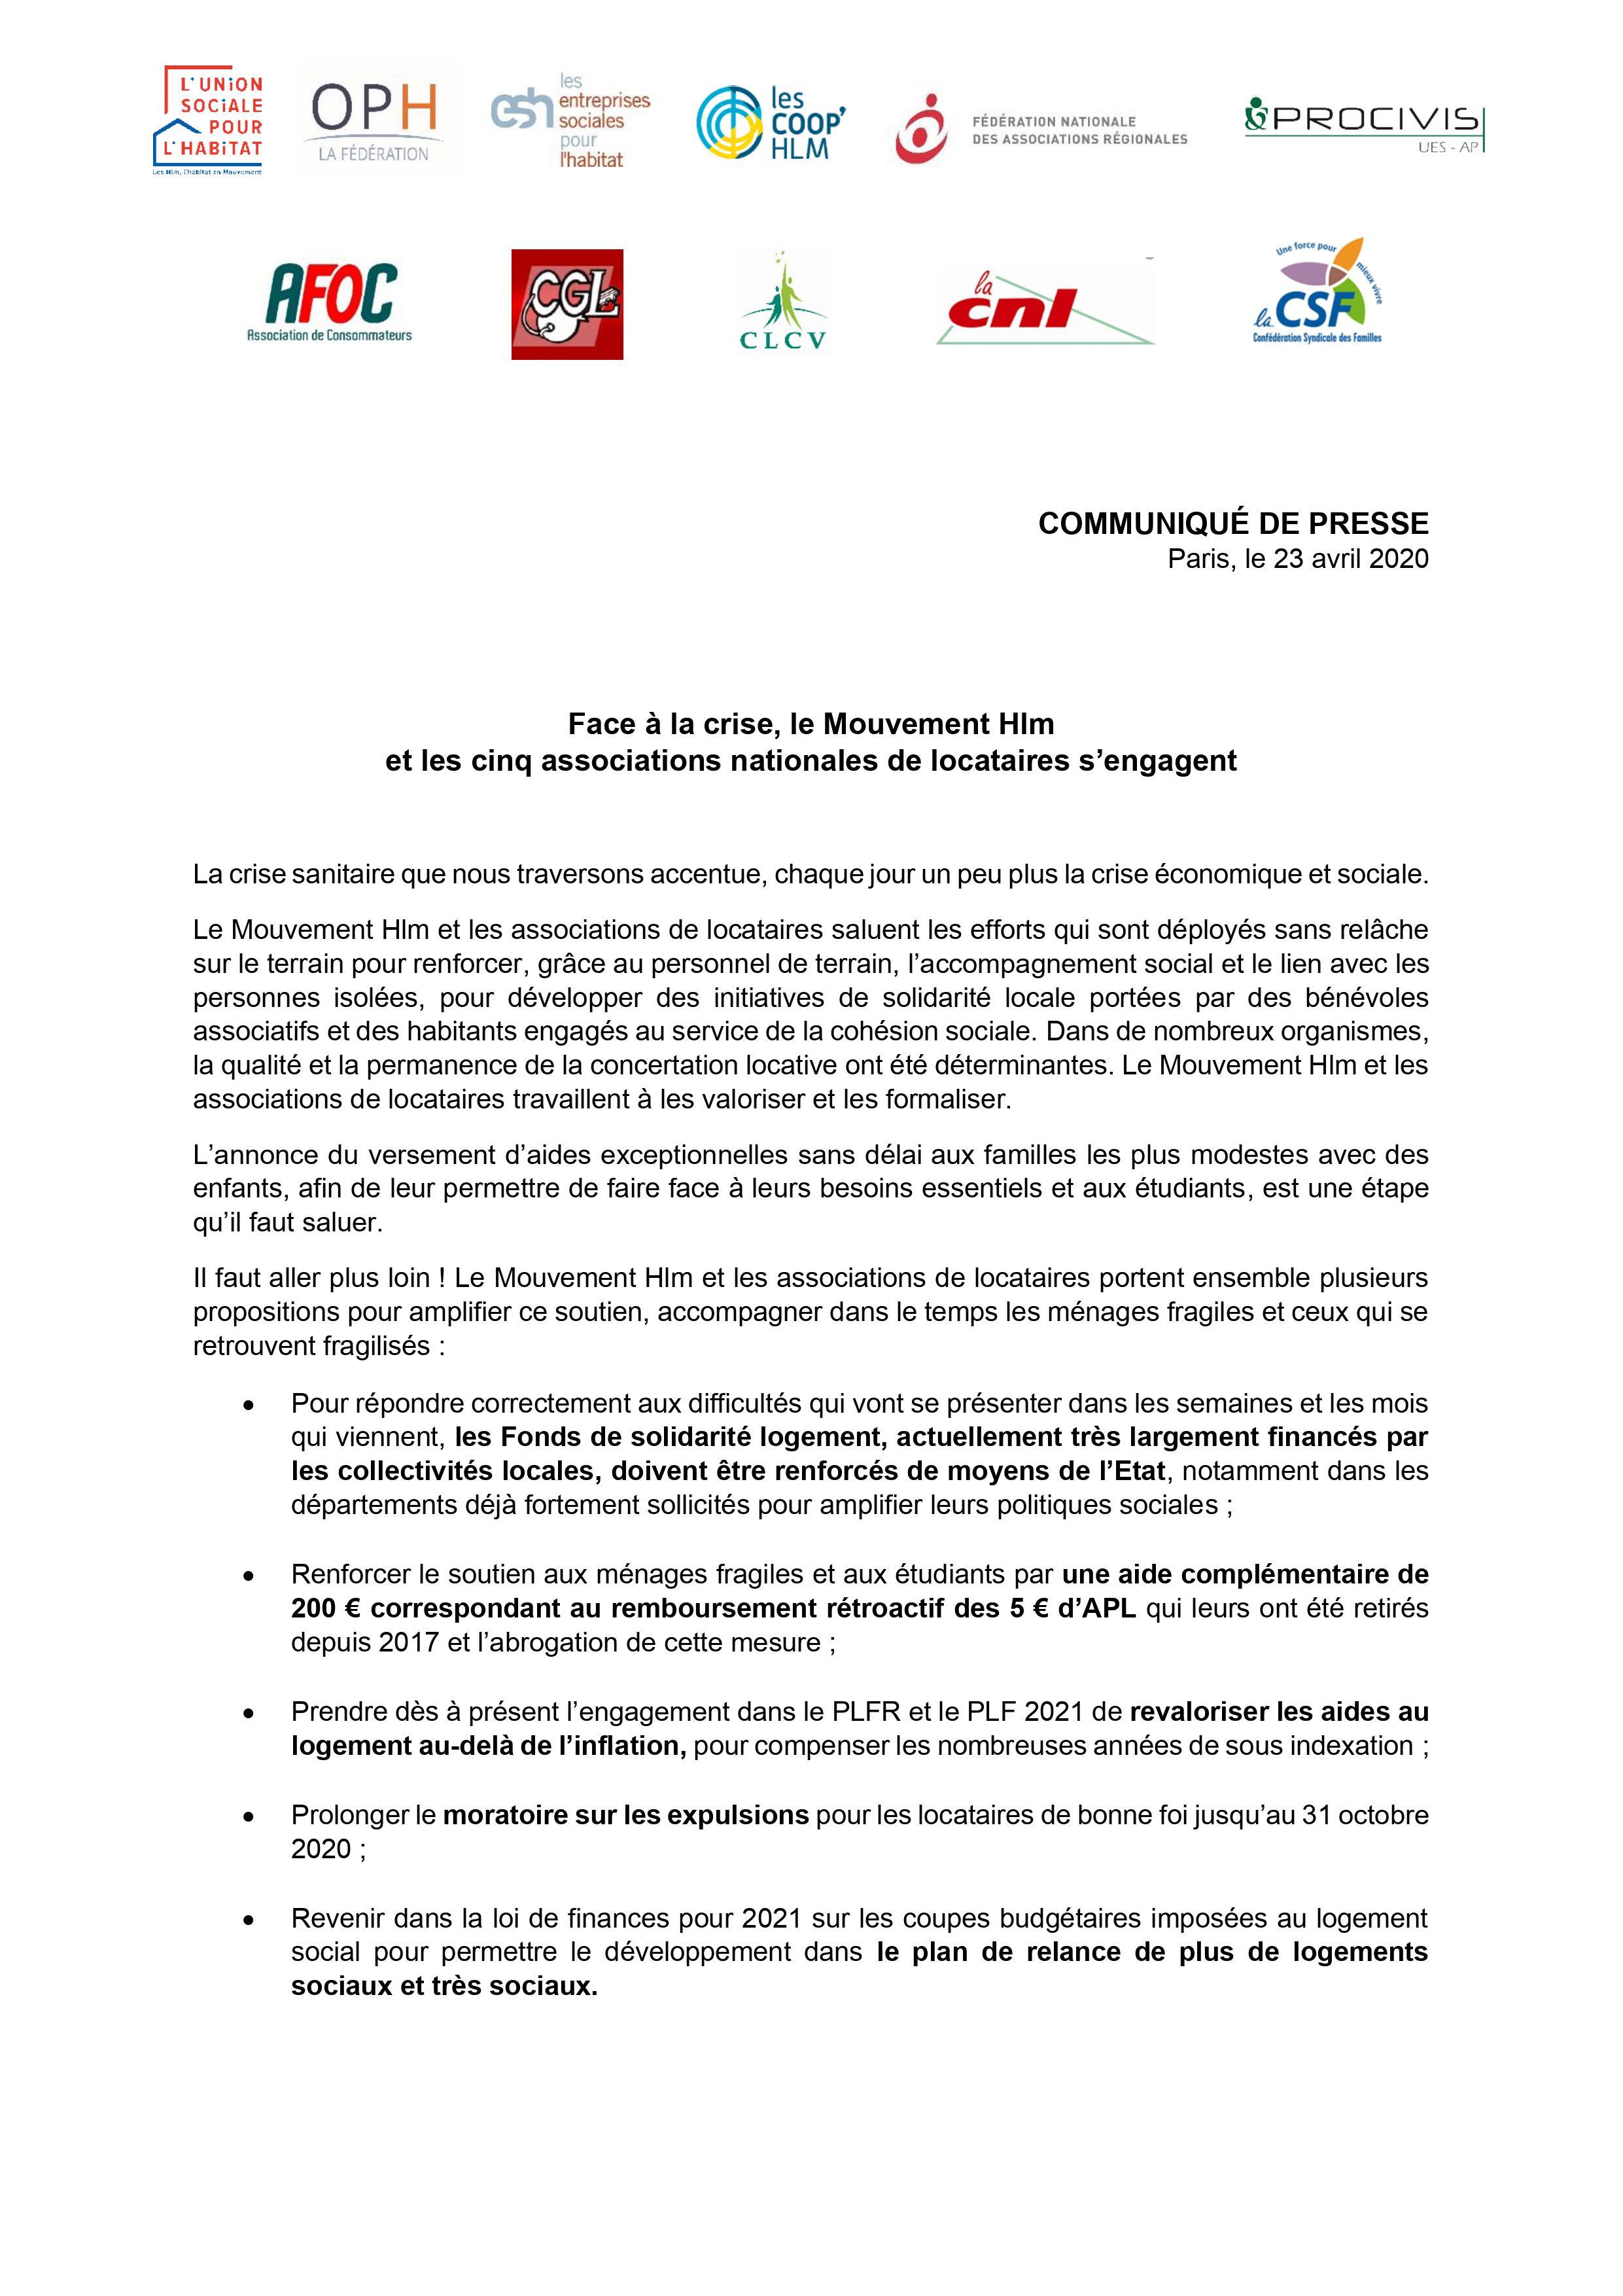 CP - Face à la crise le Mouvement Hlm et les 5 associations nationales de locataires sengagent 23.04.2020 (jpeg 1)